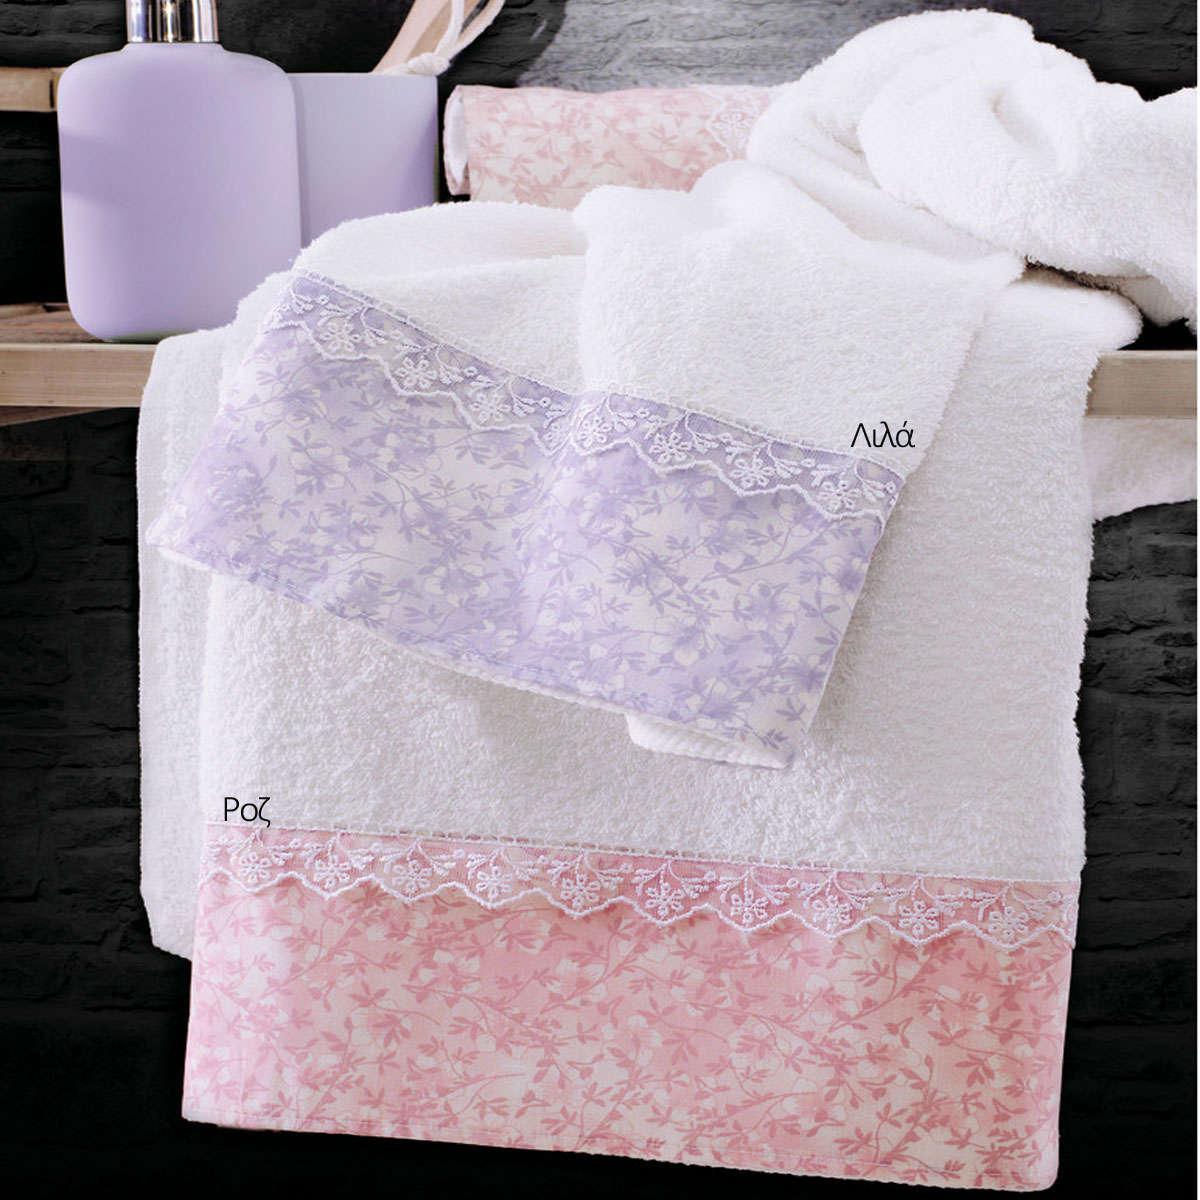 Πετσέτες Σετ 3τμχ Σε Σακούλα Carezza Lila Ρυθμός Σετ Πετσέτες